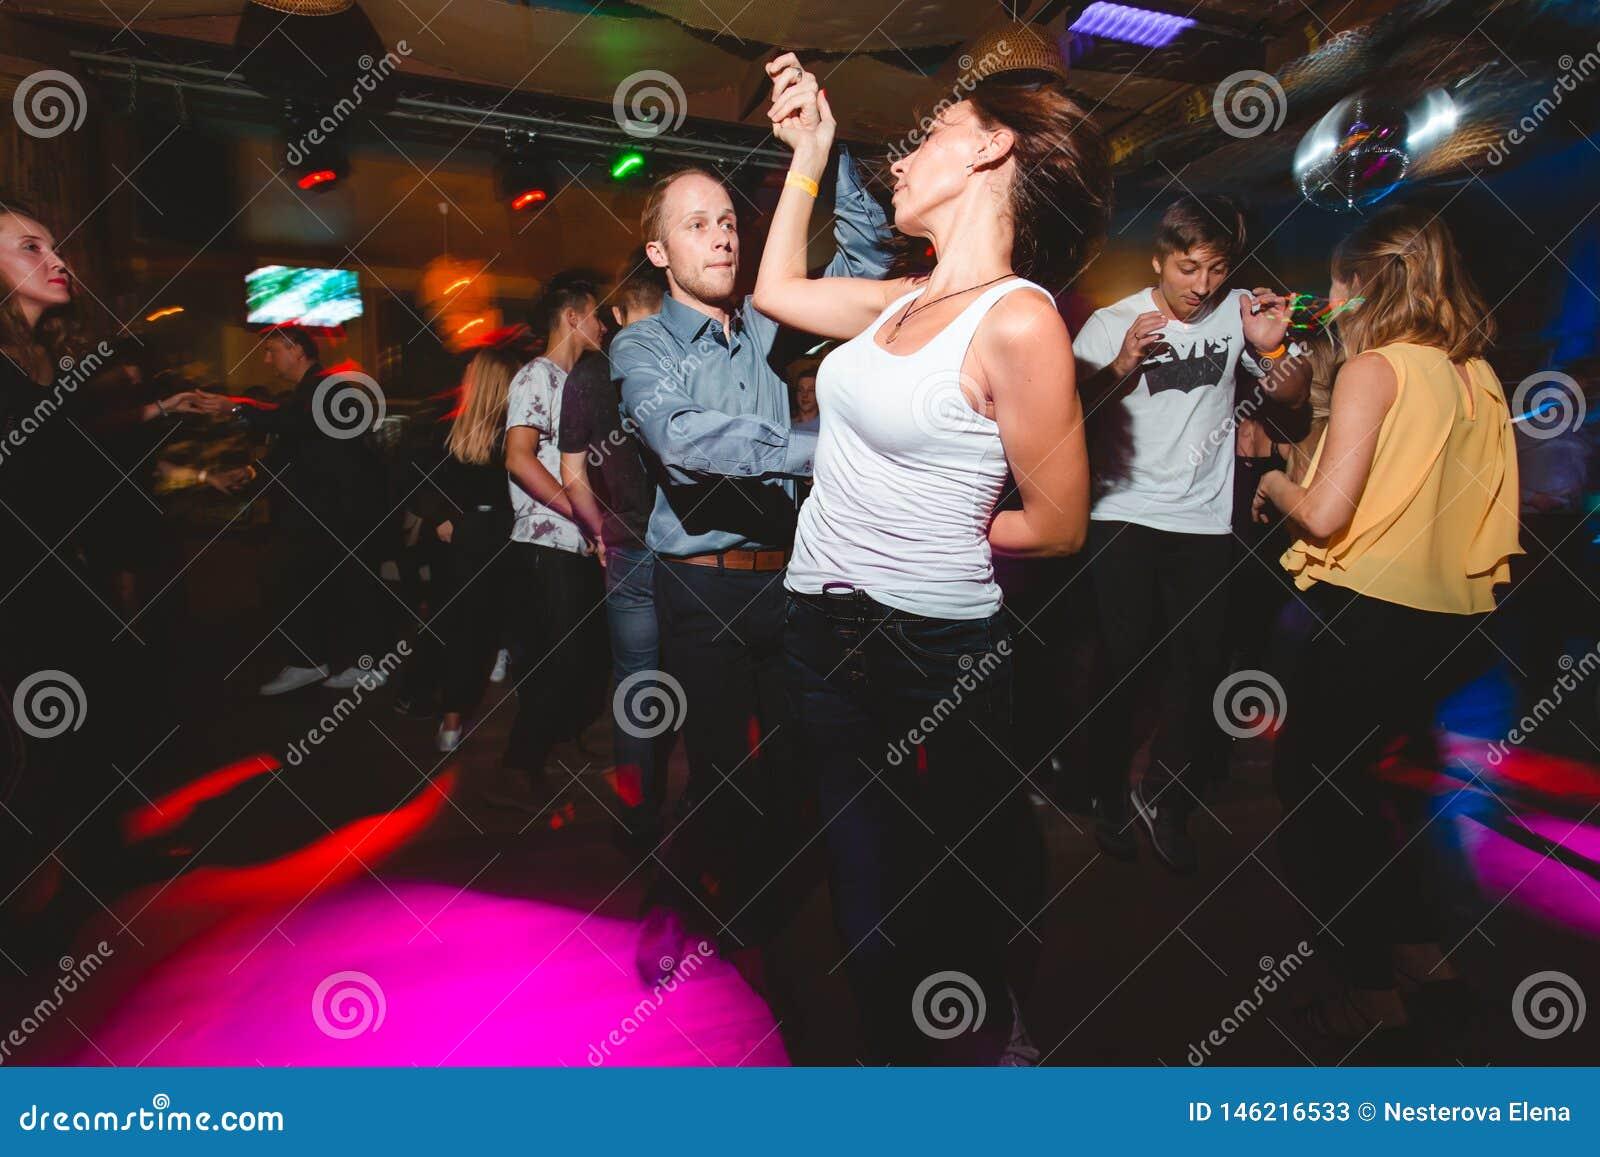 MOSKOU, RUSSISCHE FEDERATIE - 13 OKTOBER, 2018: Een paar op middelbare leeftijd, een man en een vrouw, danssalsa onder een menigt